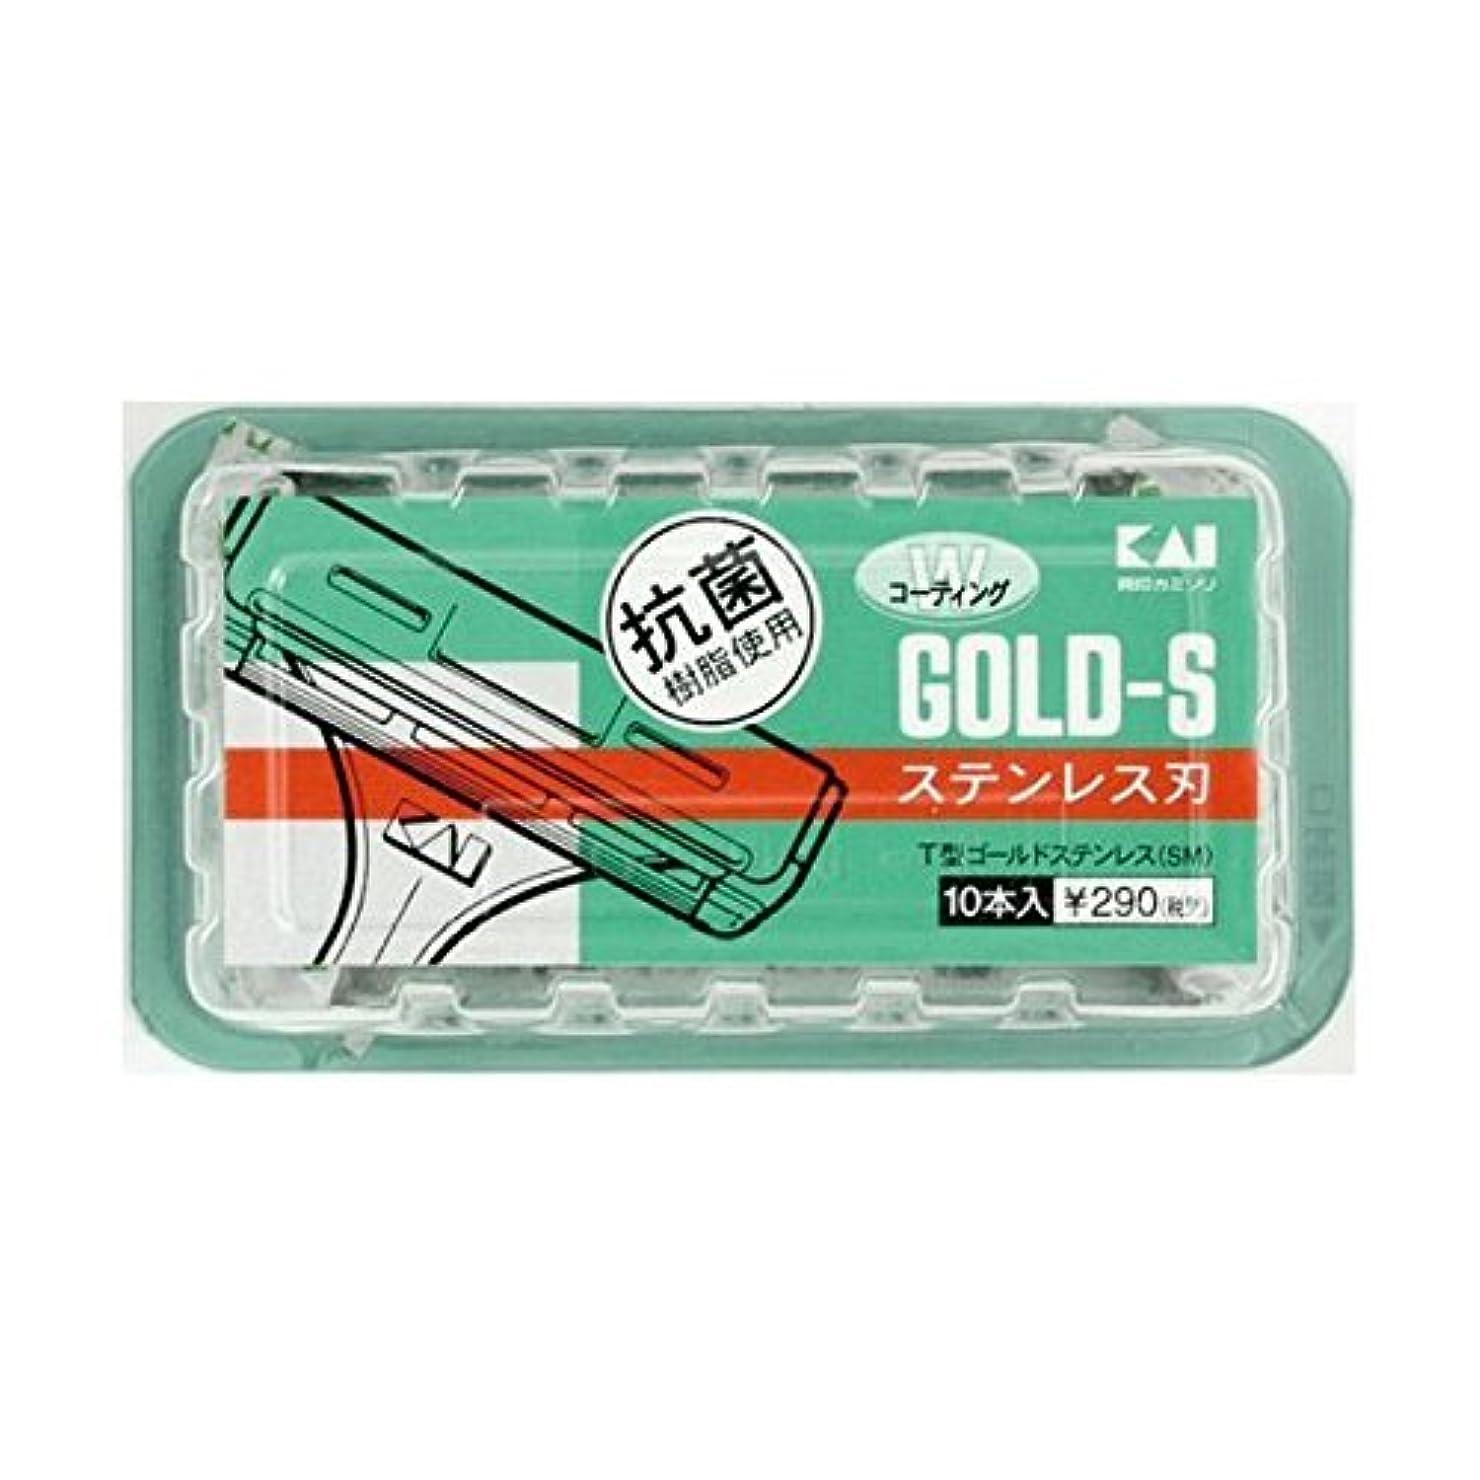 静けさ雄弁タービン貝印 (業務用20セット) T型ゴールドステンレスSM10本